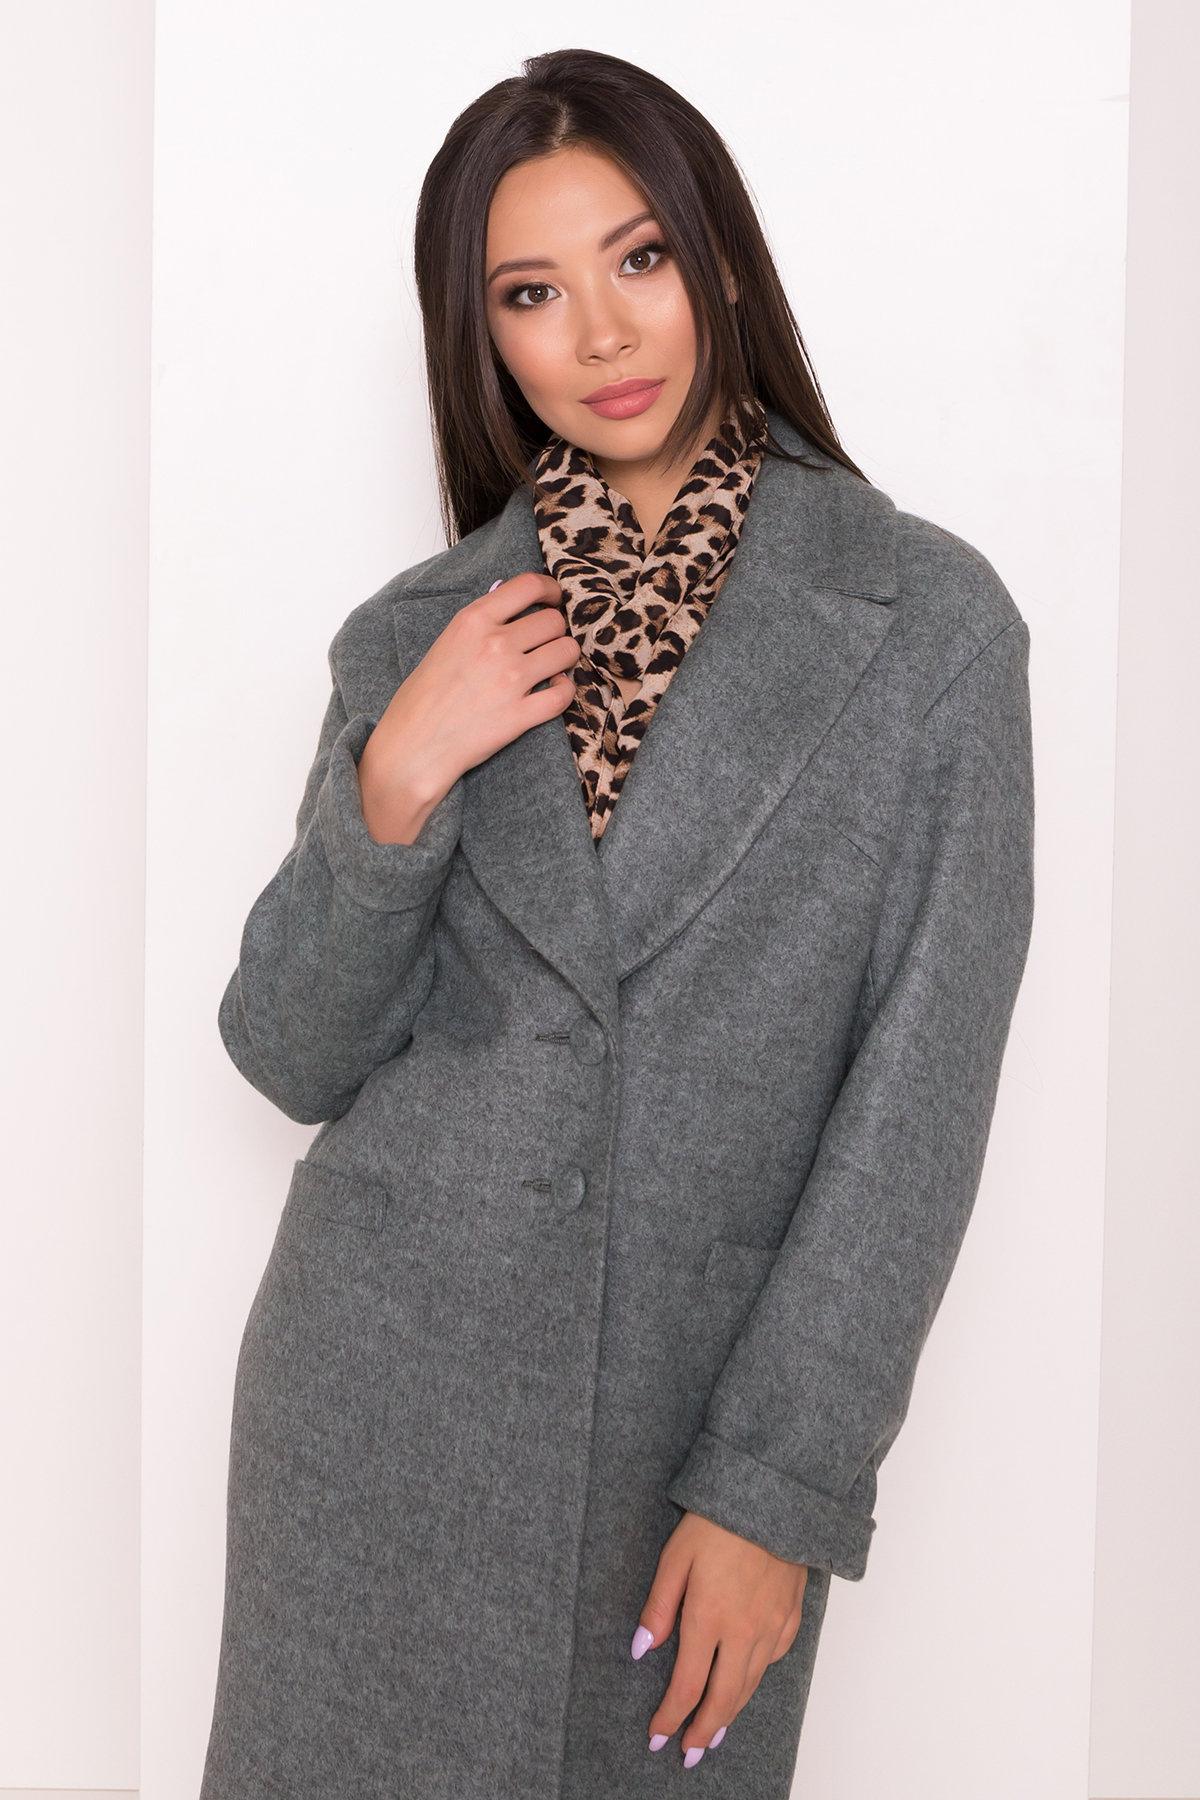 Пальто Вива 7868 АРТ. 43865 Цвет: Зеленый Темный 4 - фото 4, интернет магазин tm-modus.ru